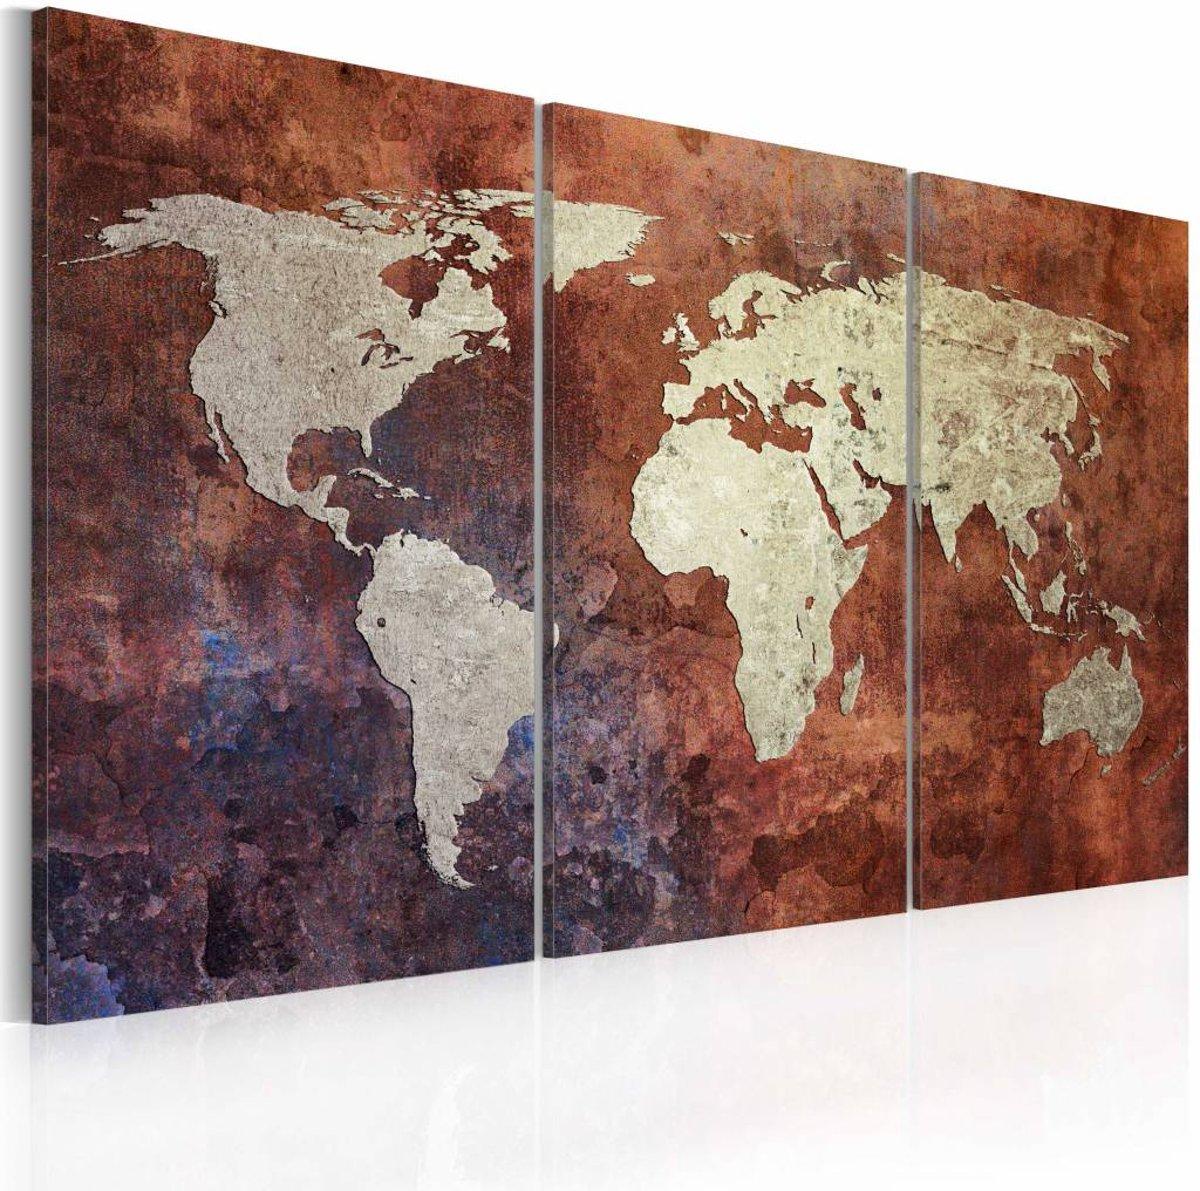 bol.com | Schilderij kopen? Alle Schilderijen online